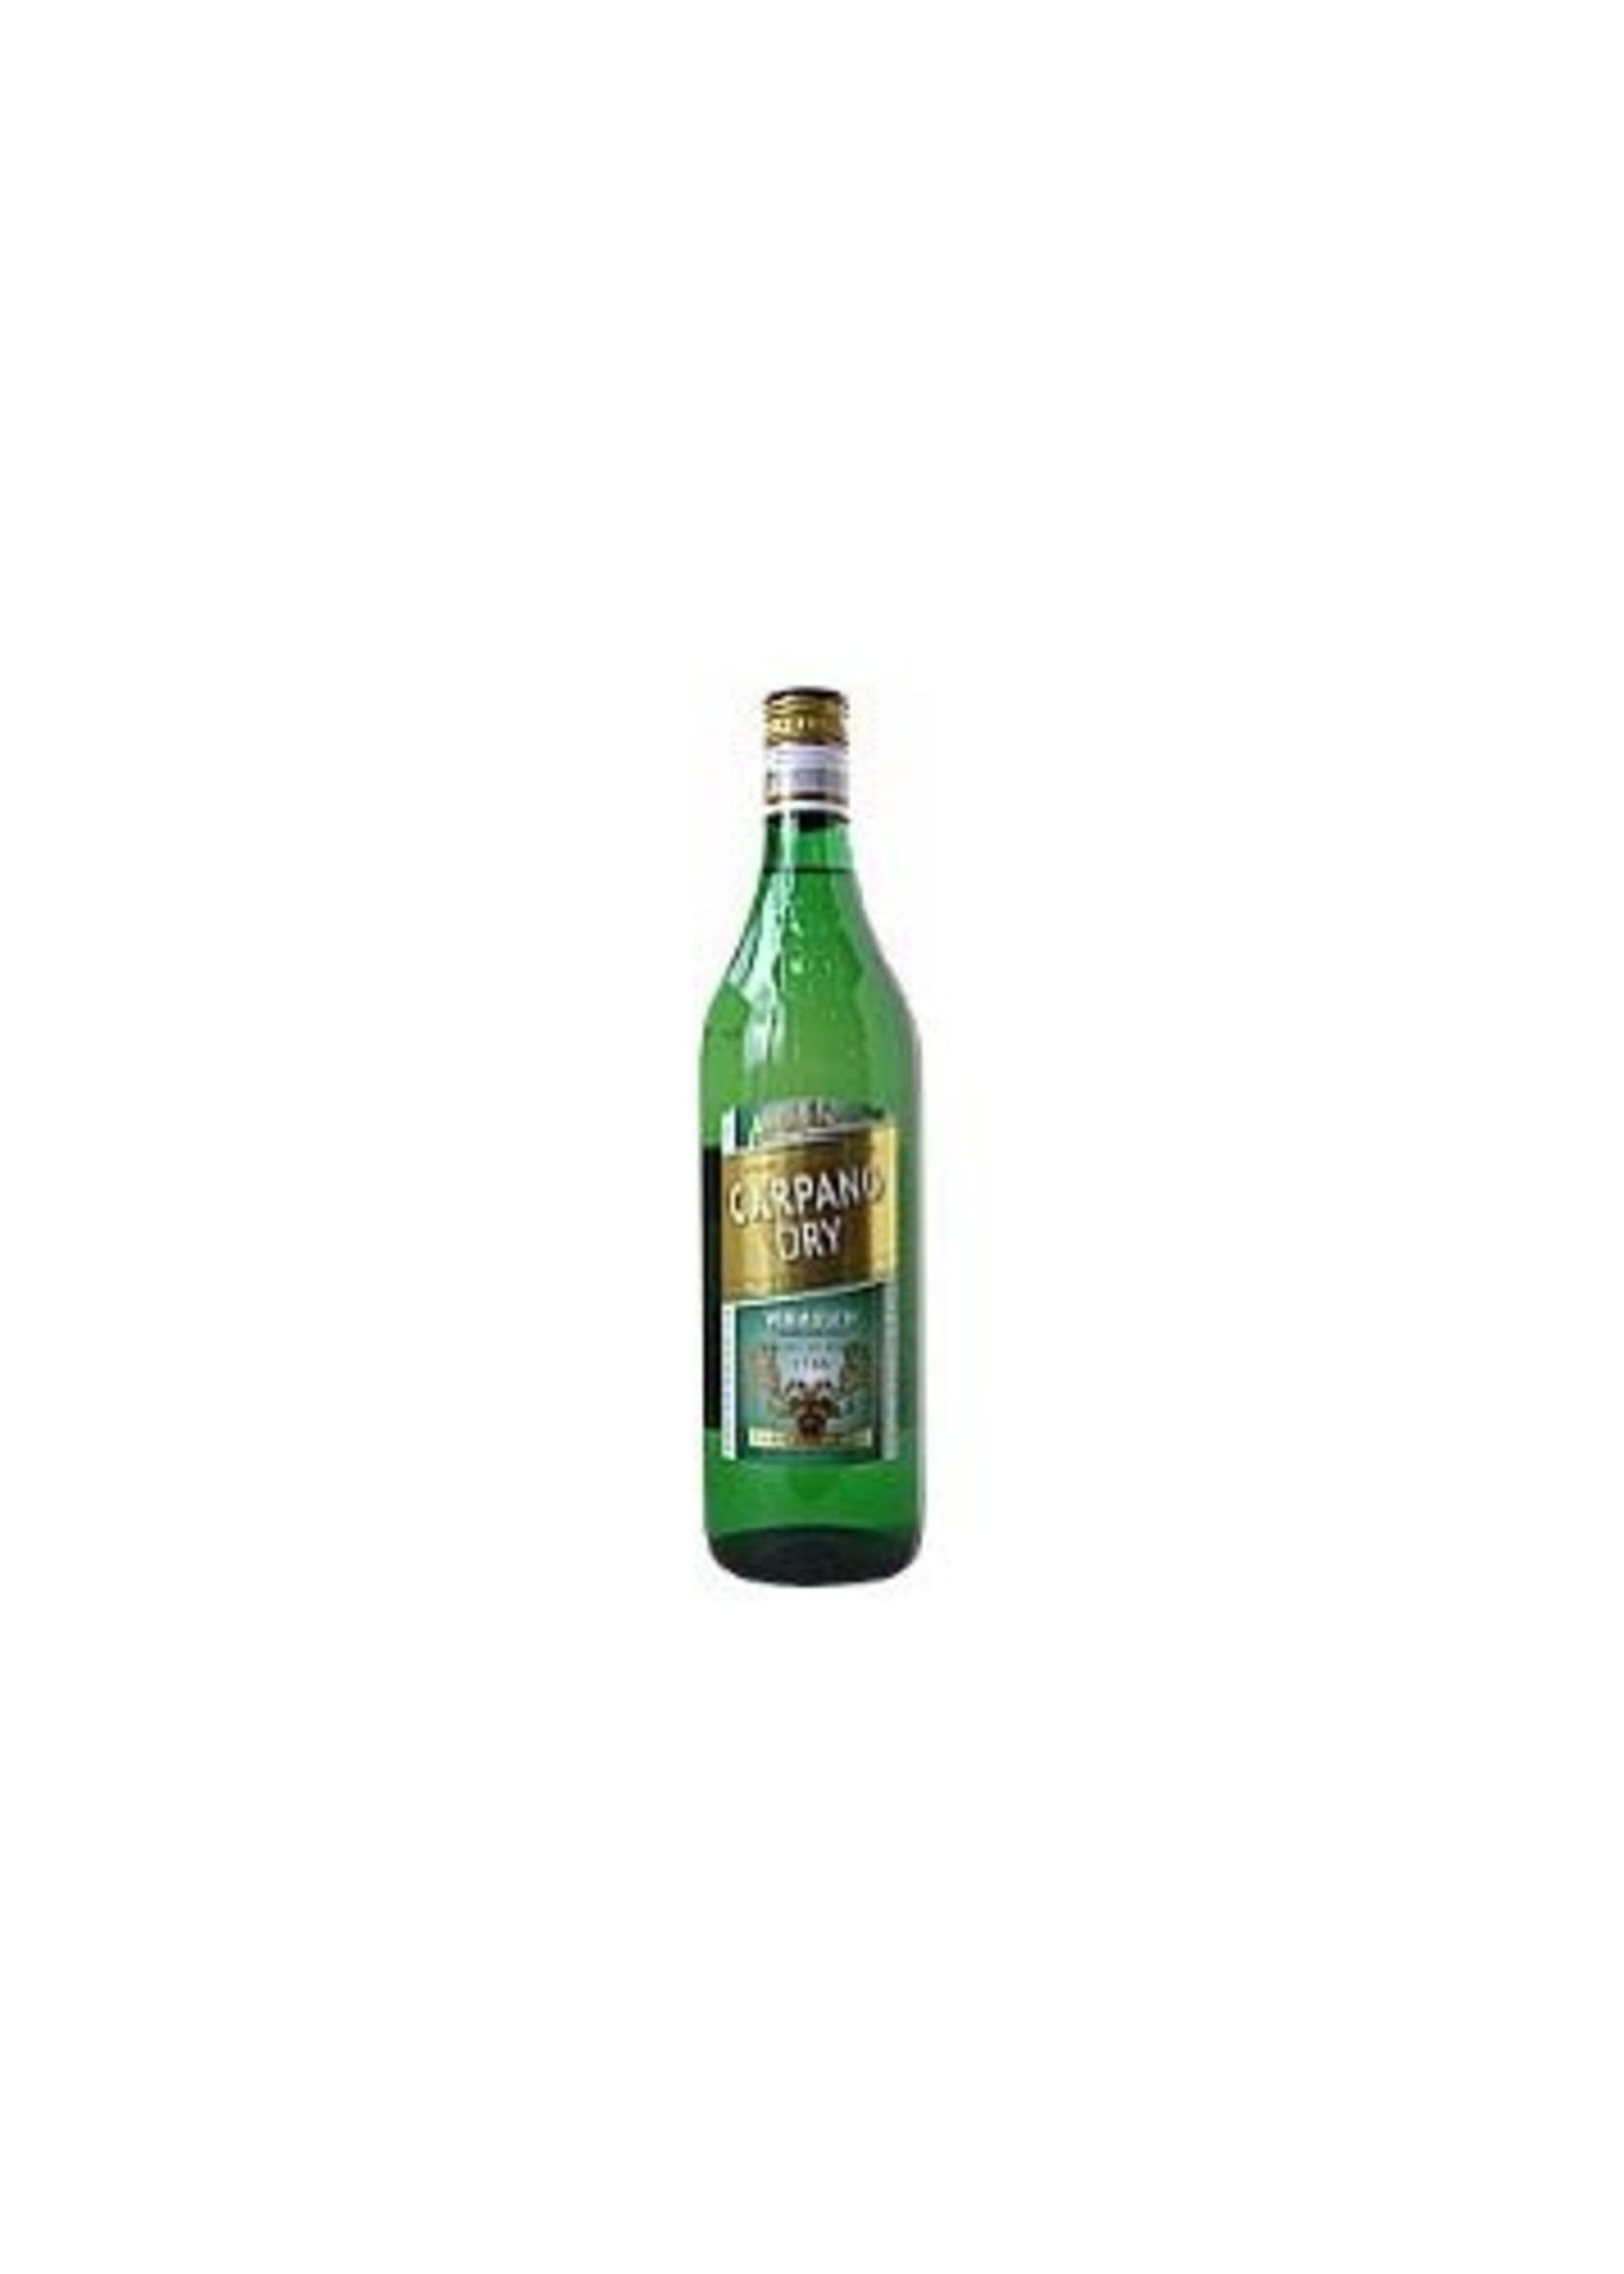 Carpano Dry Vermouth - 375ml